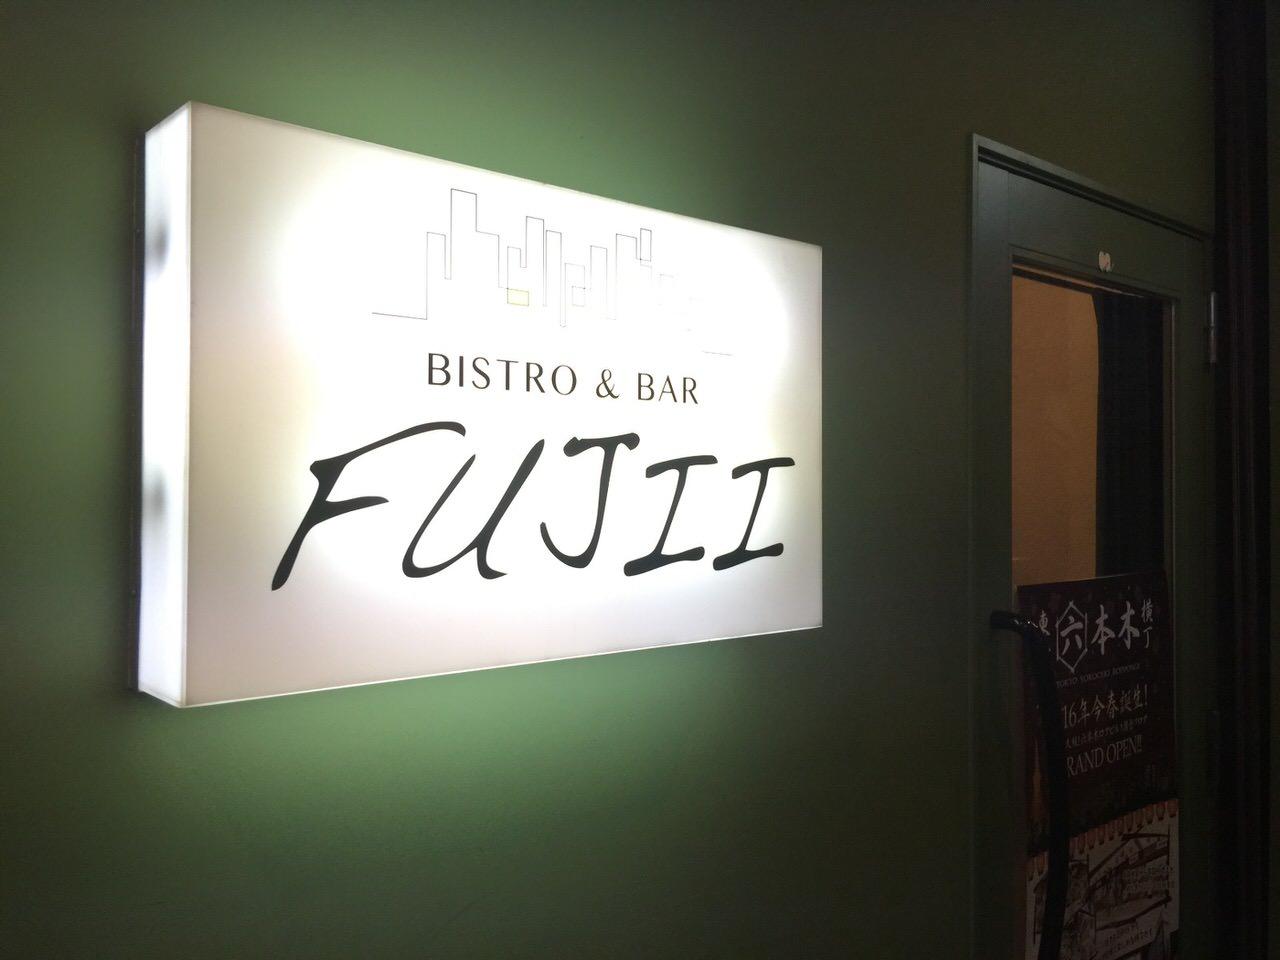 Fujii gotanda 8422